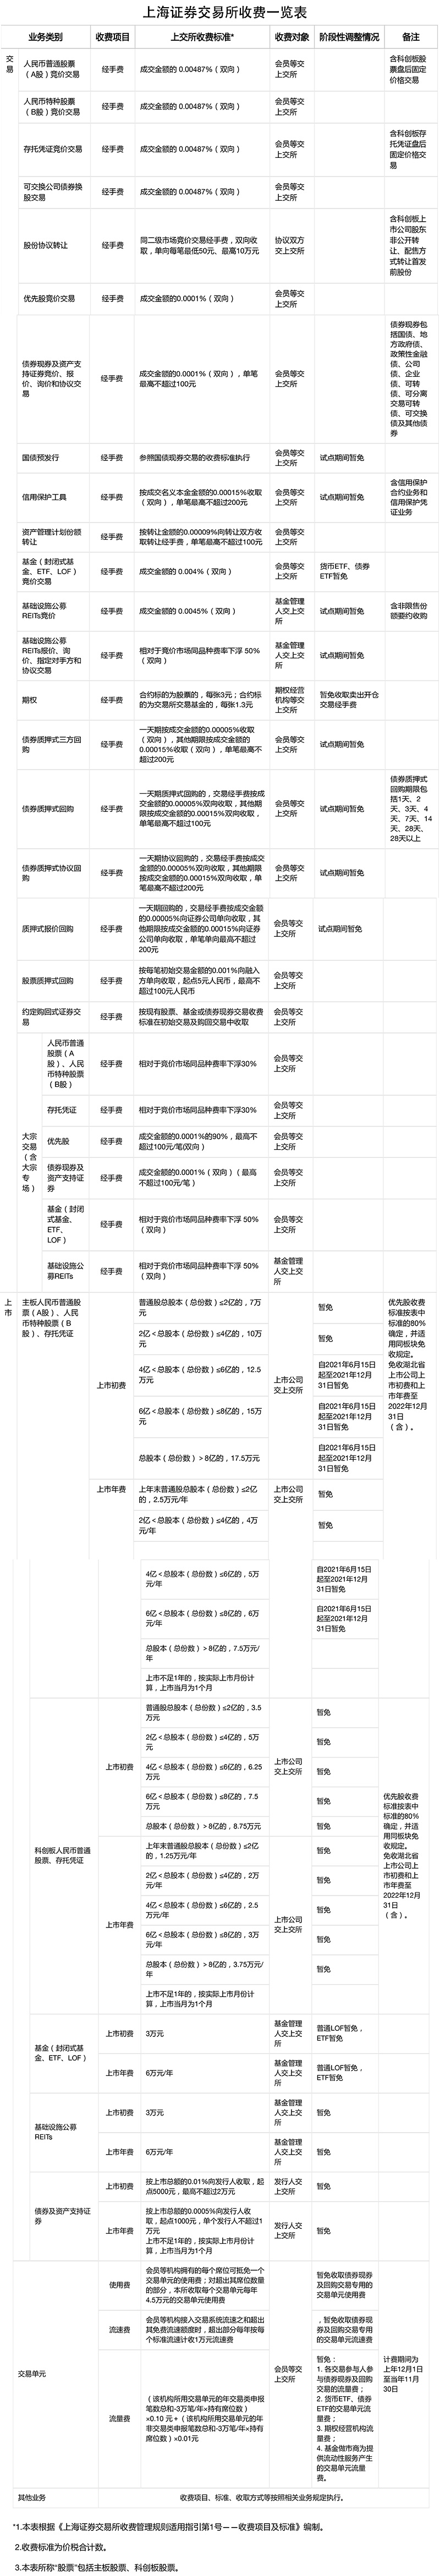 沪深交易所:免收河南上市公司2021年上市初费和年费